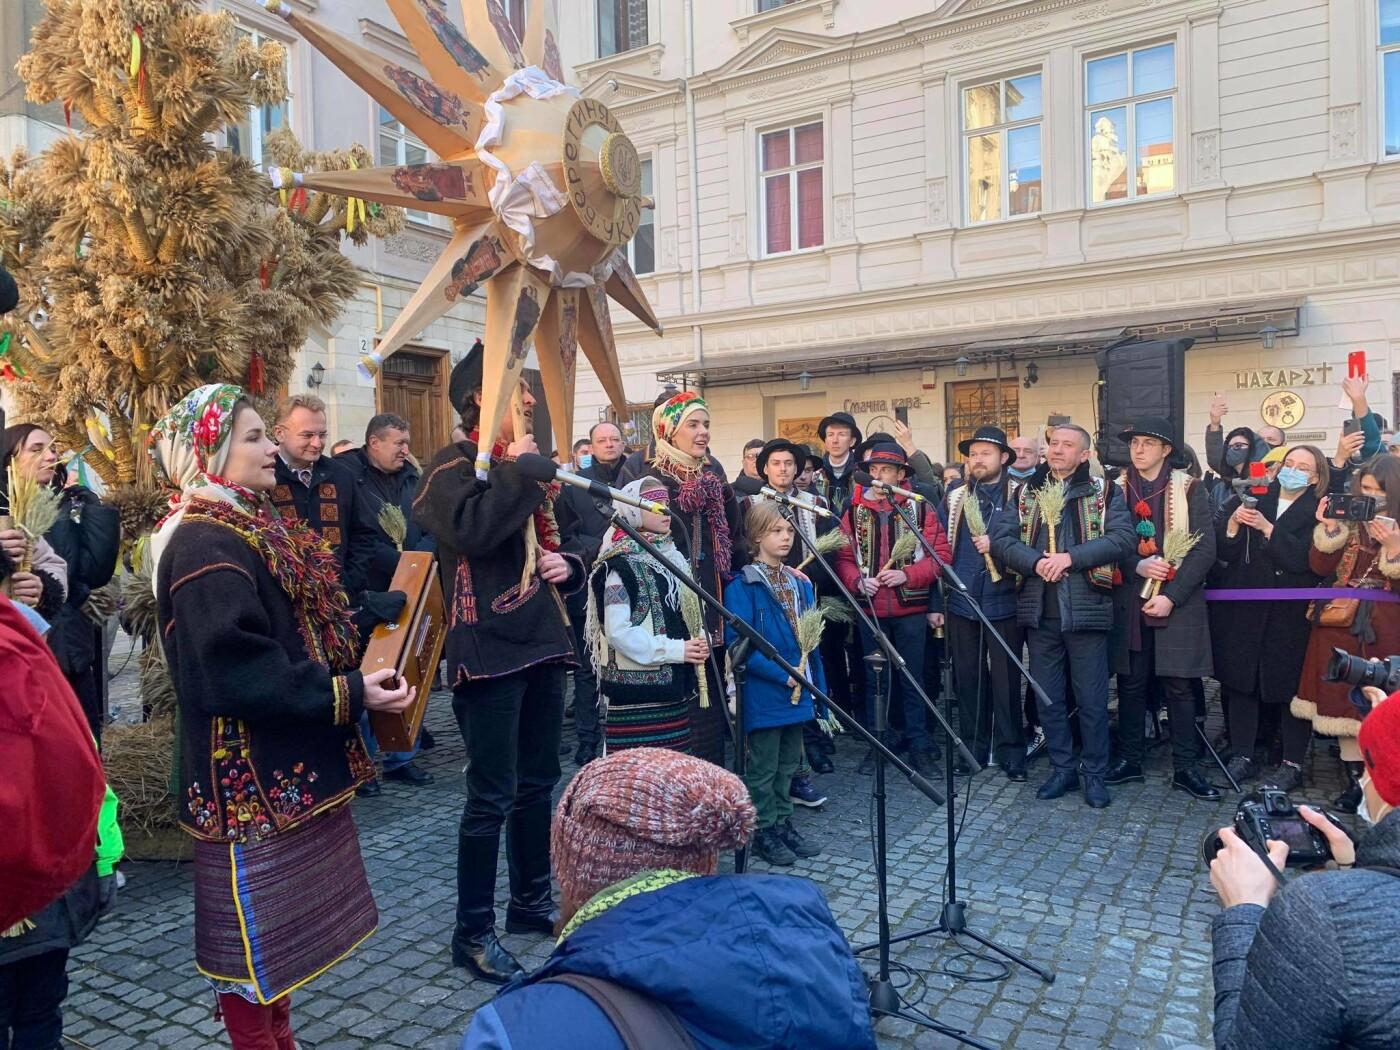 Як у Львові встановлювали різдвяного дідуха, Фото - 032.ua